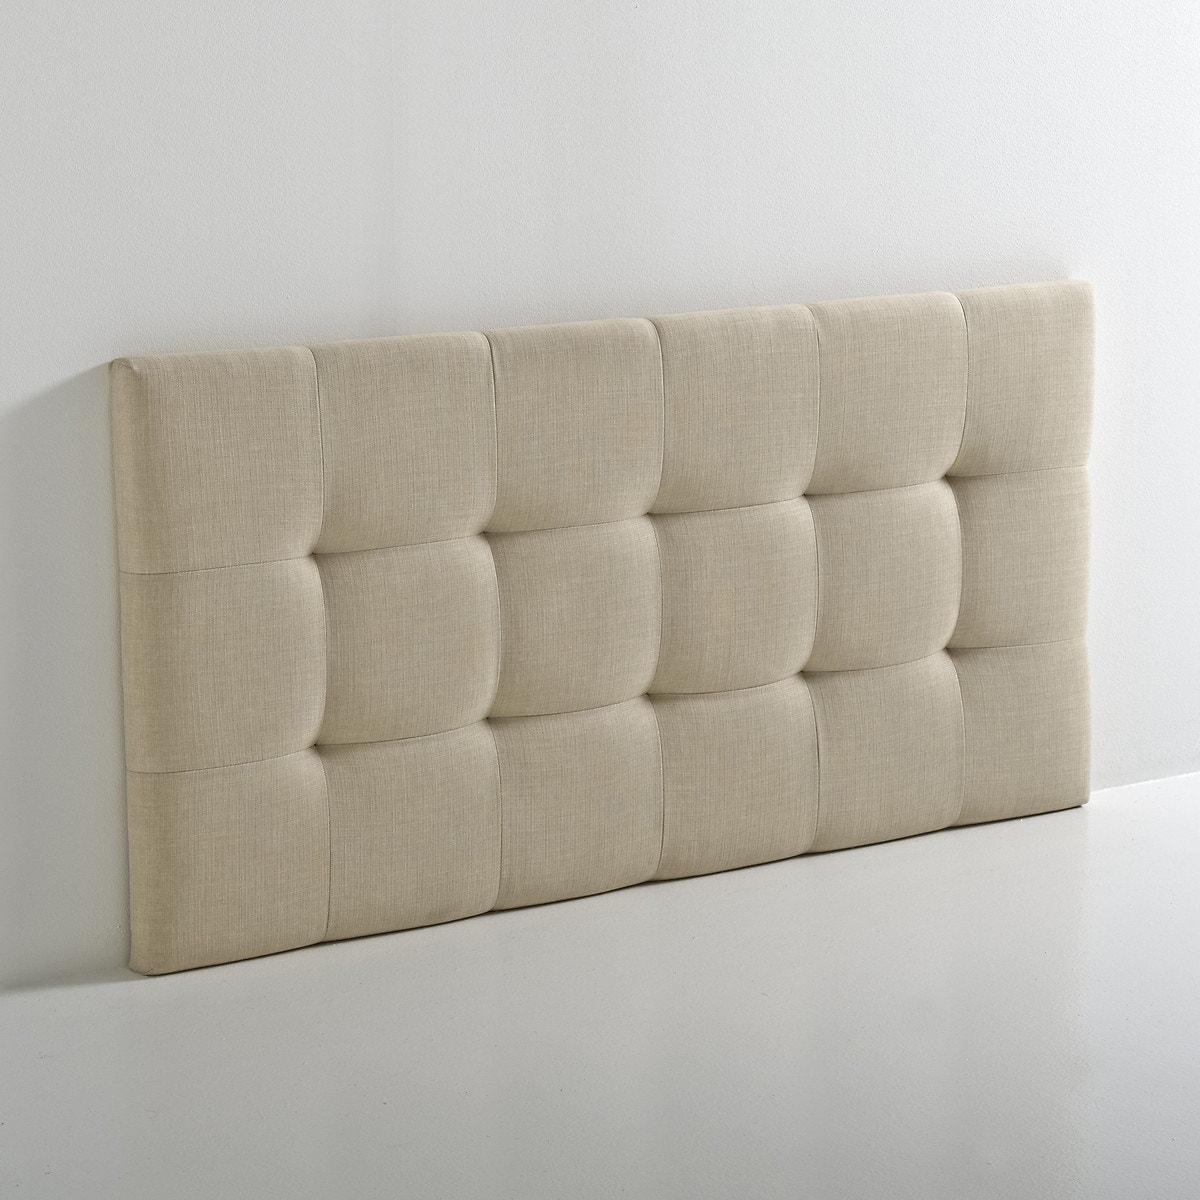 La Redoute Interieurs Cabeceira de cama, acolchoada, estilo contempâneo, Numa